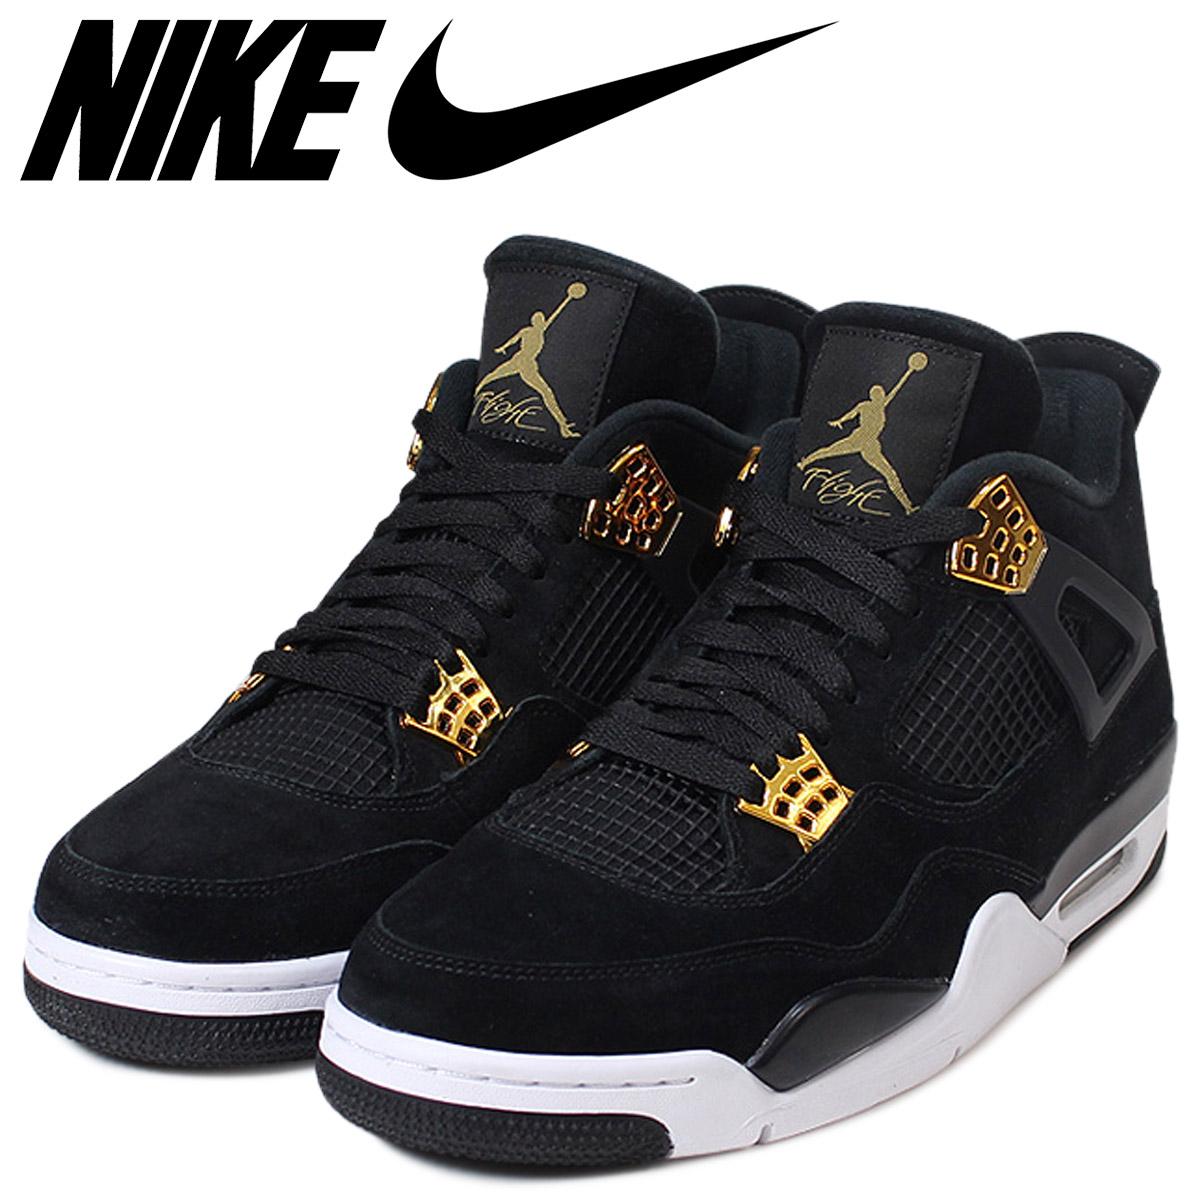 prix compétitif 0f1a1 30380 Nike NIKE Air Jordan 4 nostalgic royalty sneakers AIR JORDAN 4 RETRO  ROYALTY men 308,497-032 black